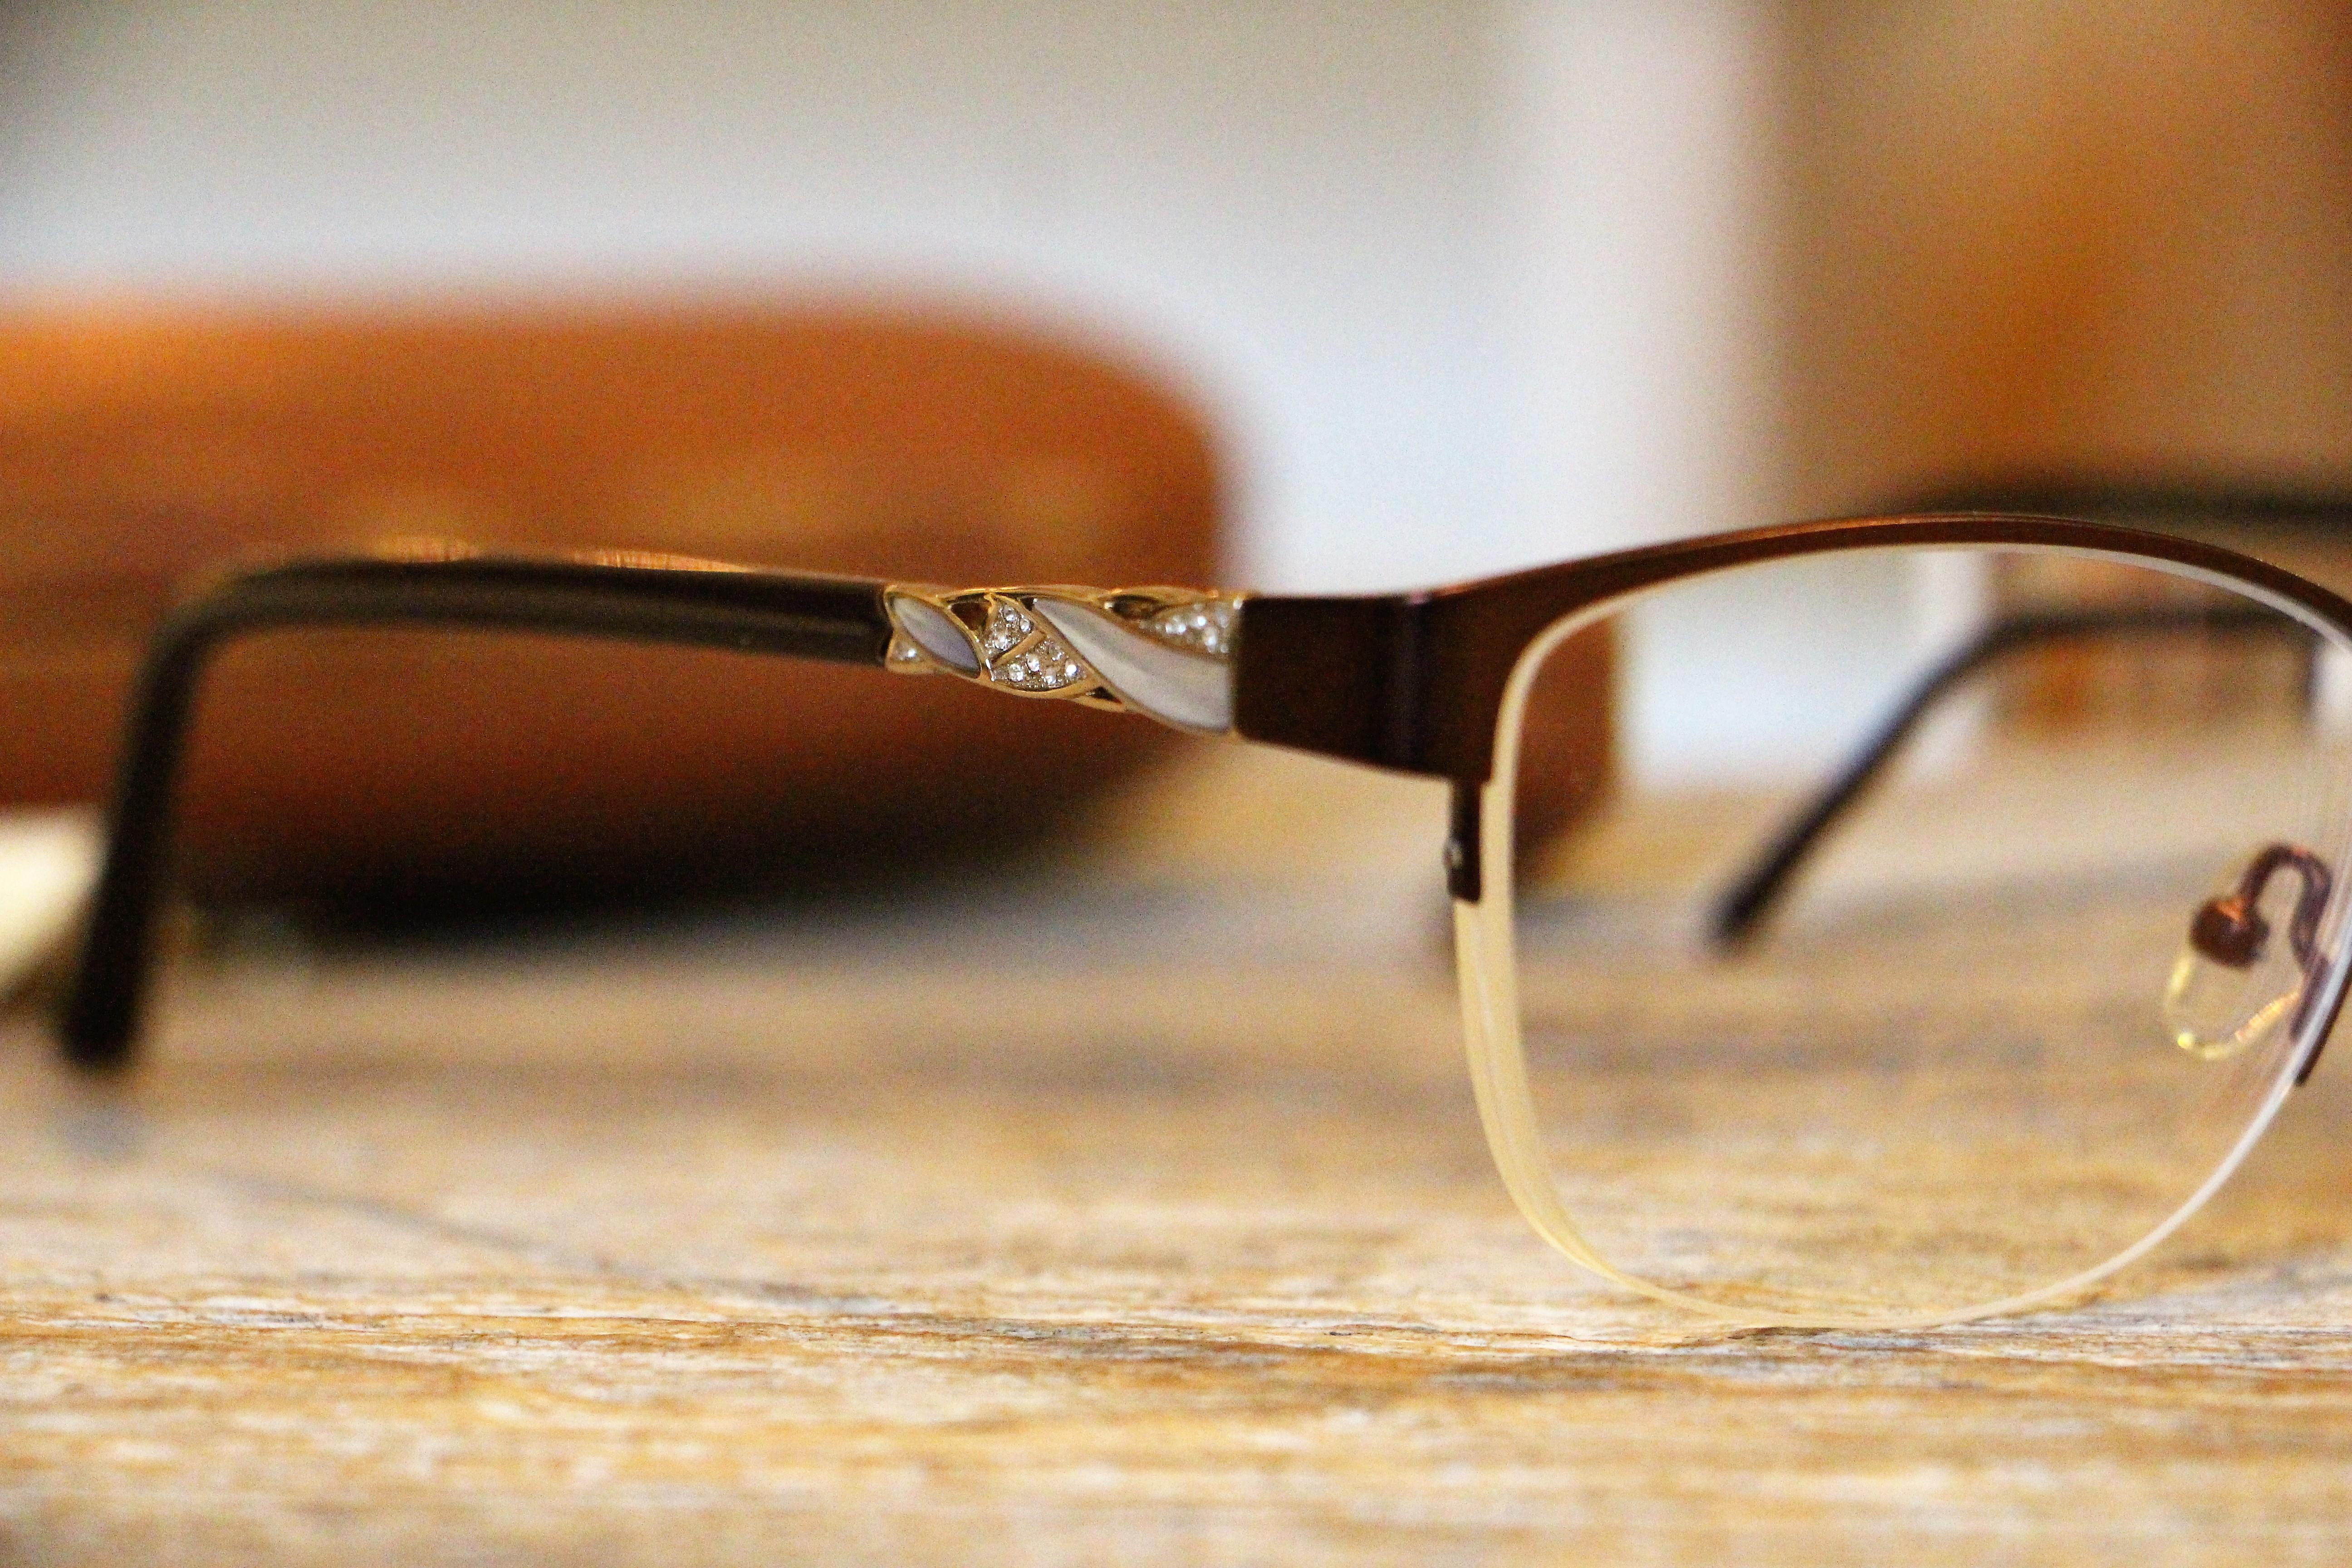 Kuinka valitsen kasvojeni muodoille sopivat silmälasit